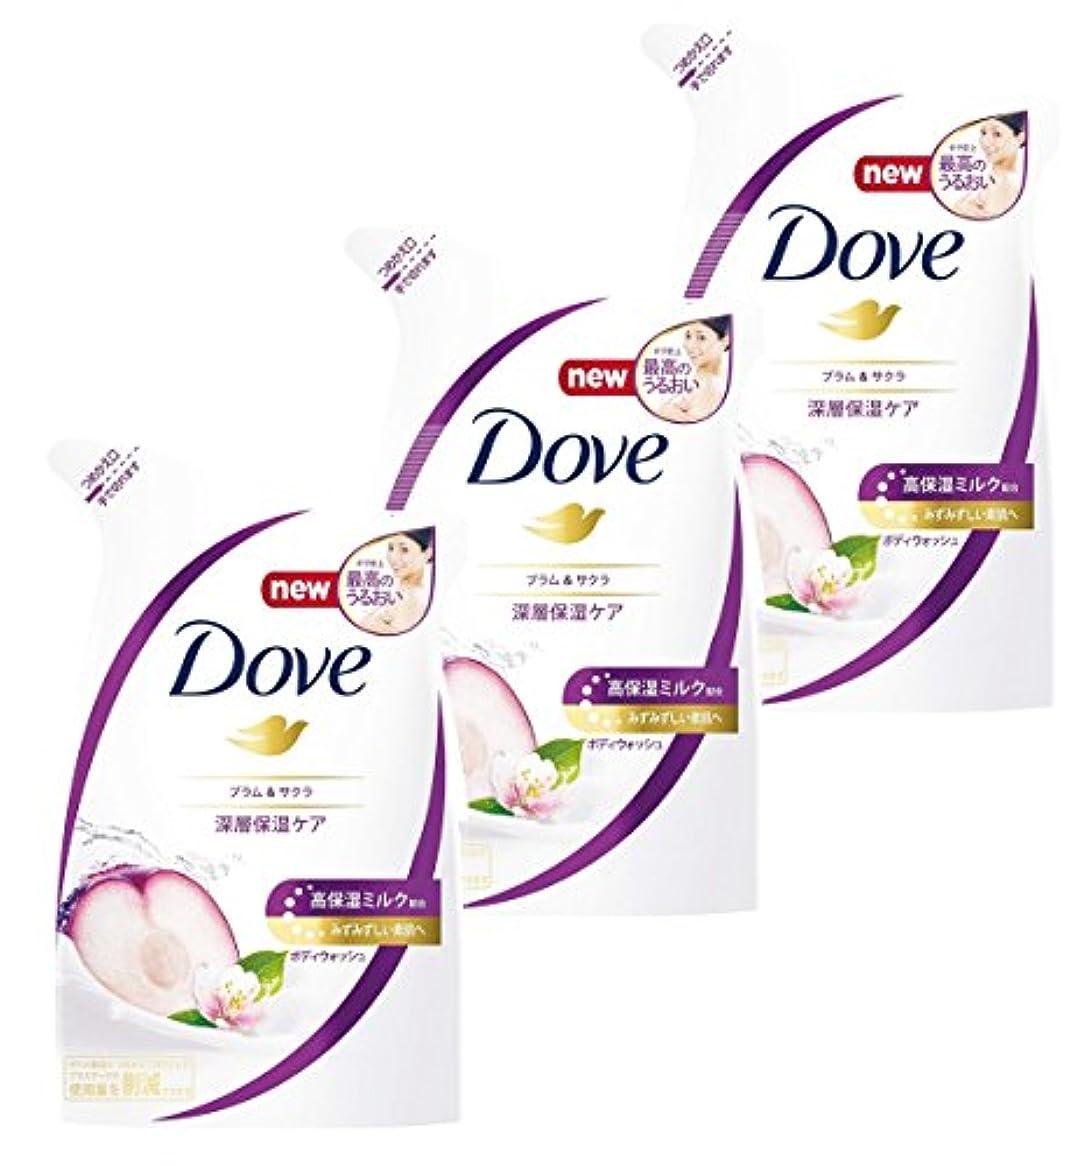 測る開いたプラス【まとめ買い】Dove(ダヴ) ボディウォッシュ プラム & サクラ つめかえ用 360g×3個